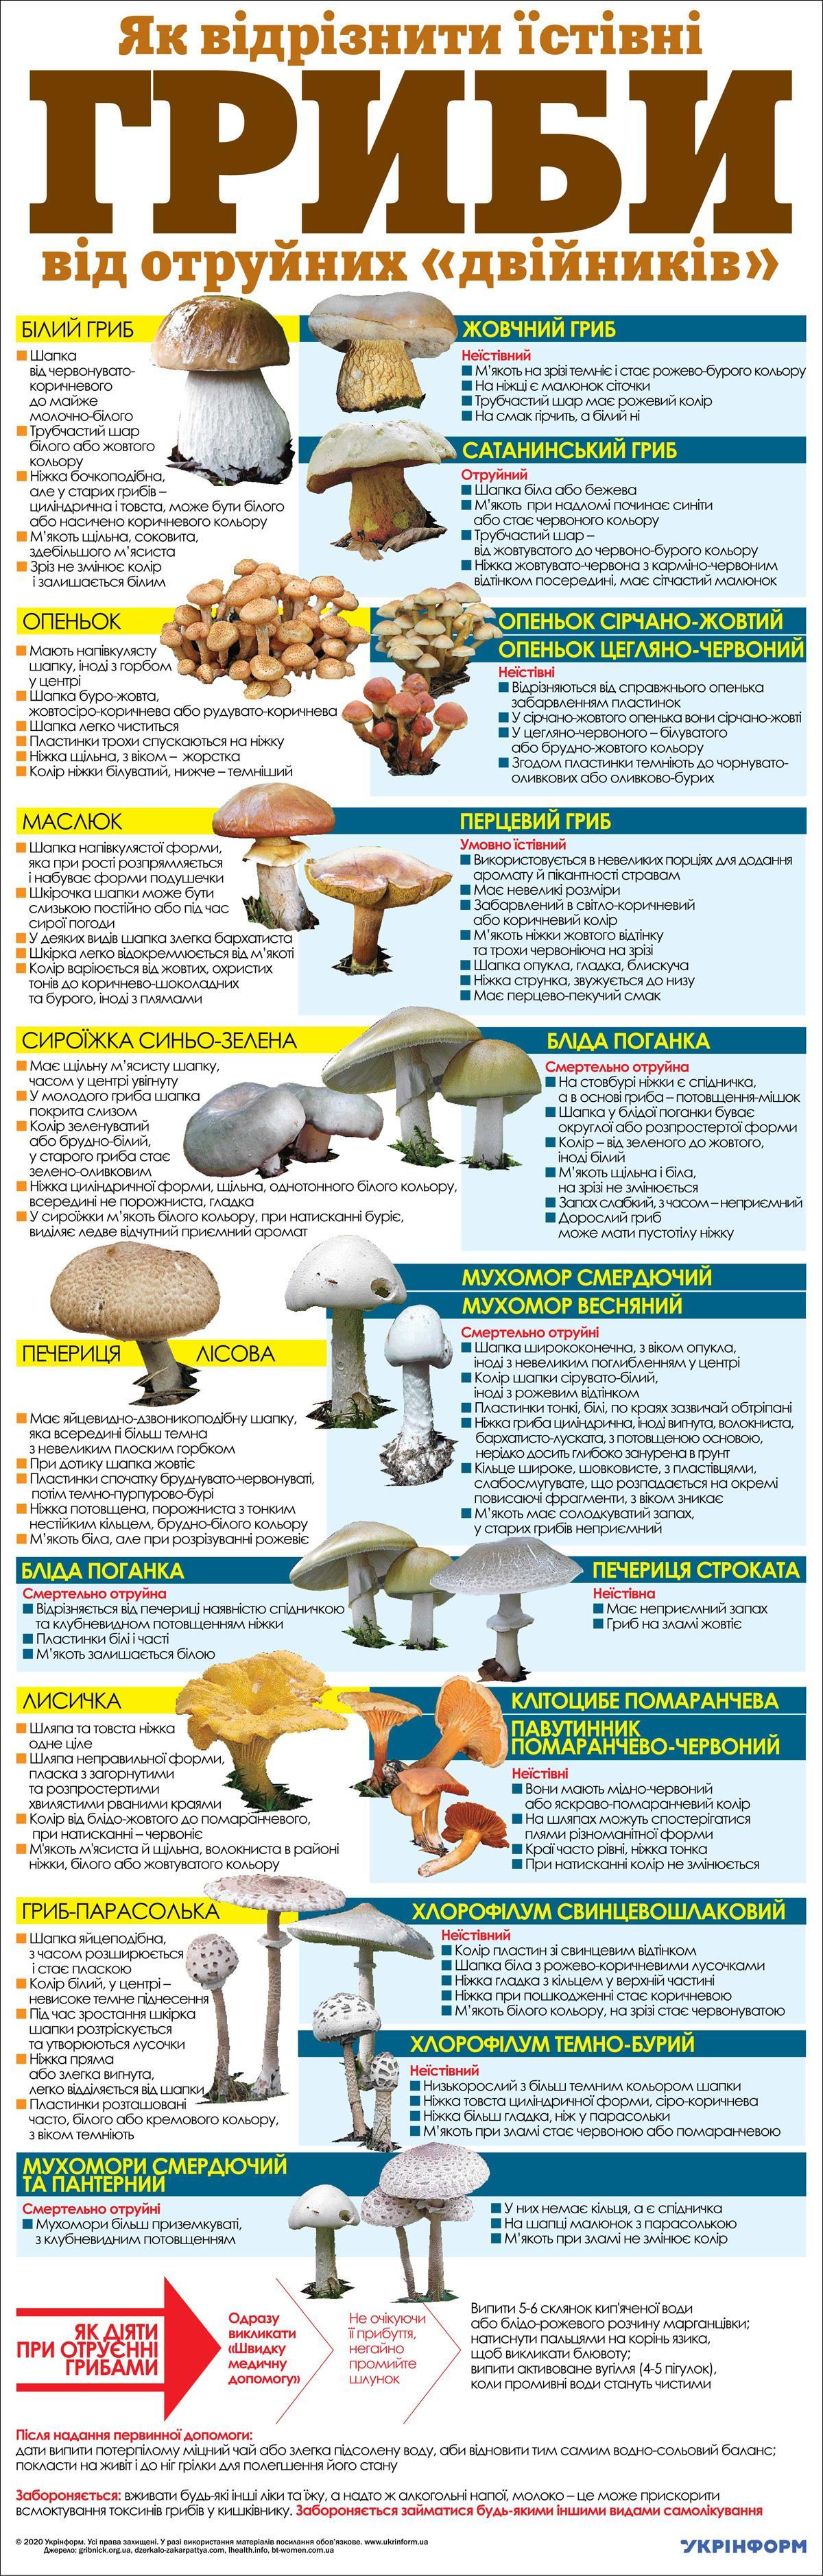 Як відрізнити їстівні гриби від отруйних - інфографіка